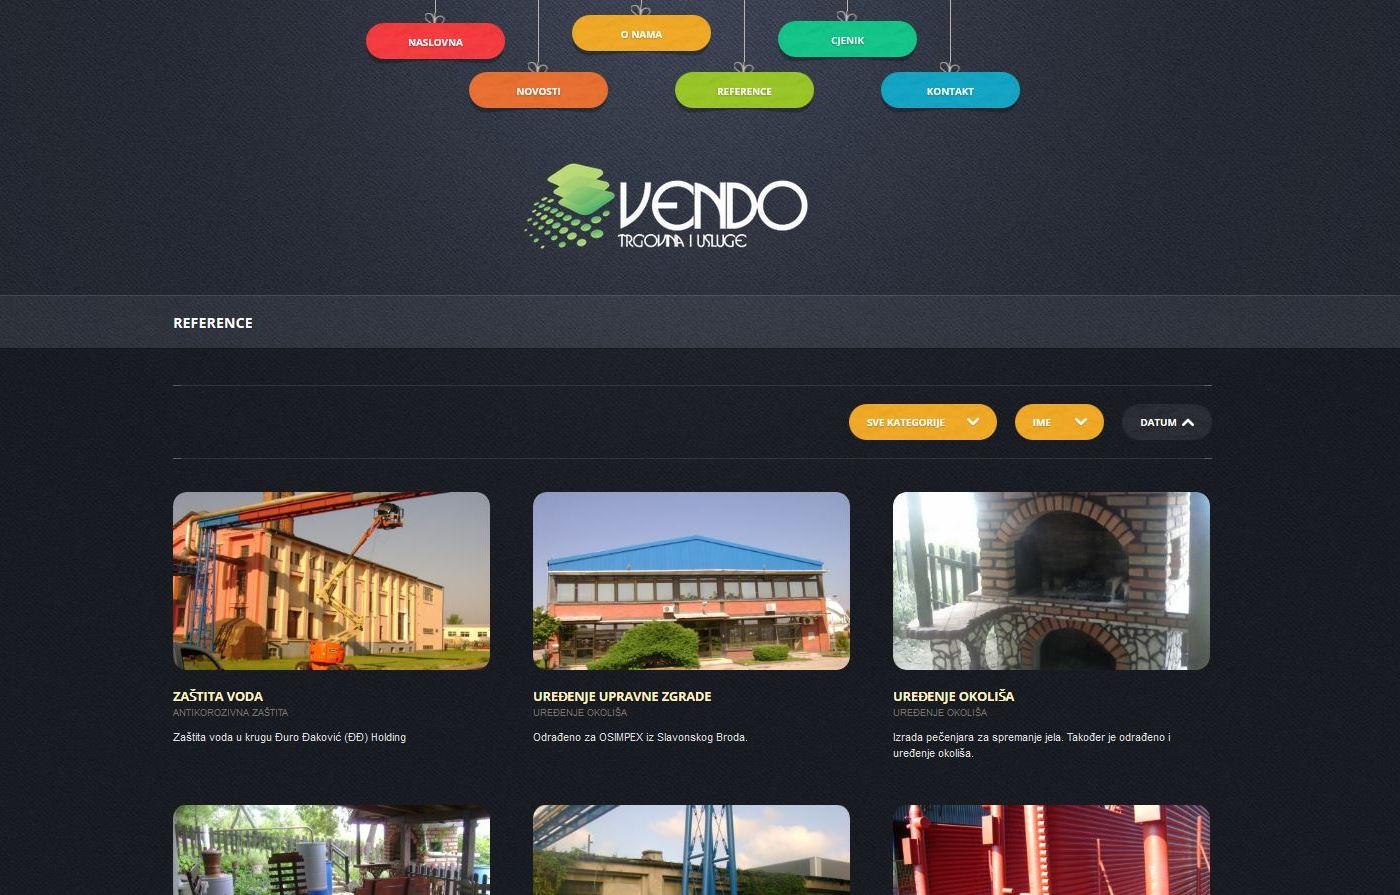 vendo.com.hr